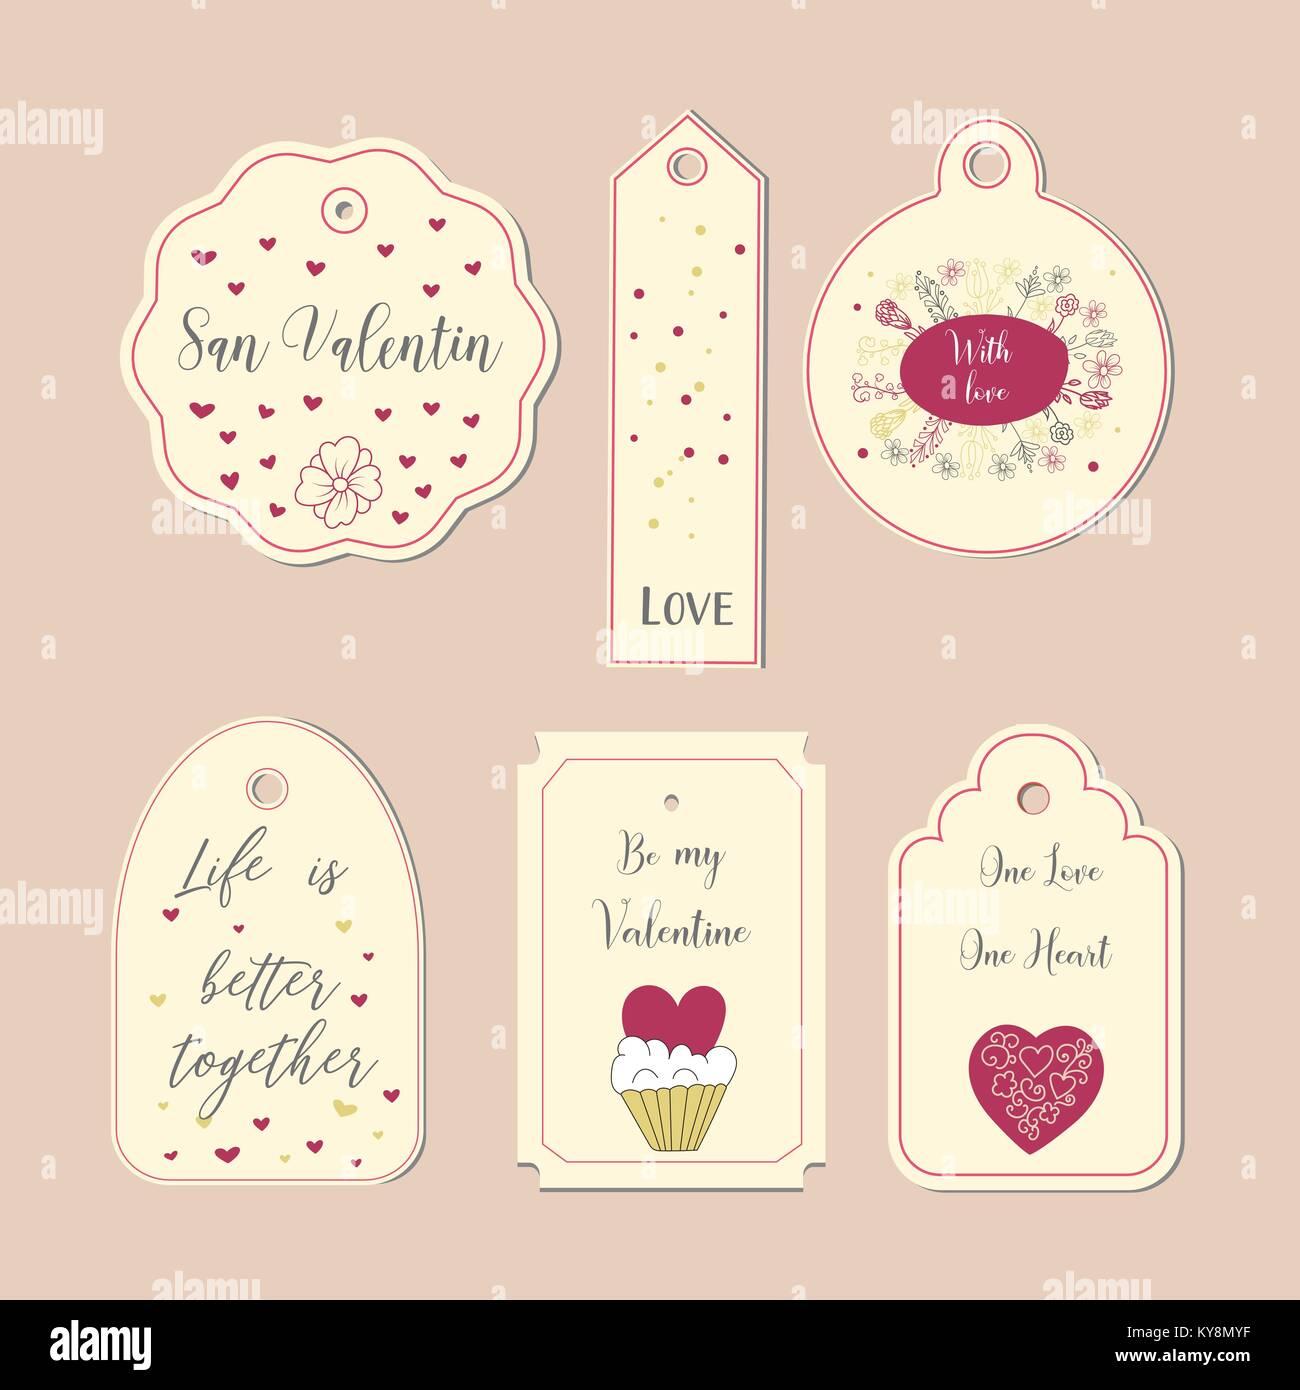 Karte mit Doodle herzen Symbole für Valentines Tag, retro Farben ...